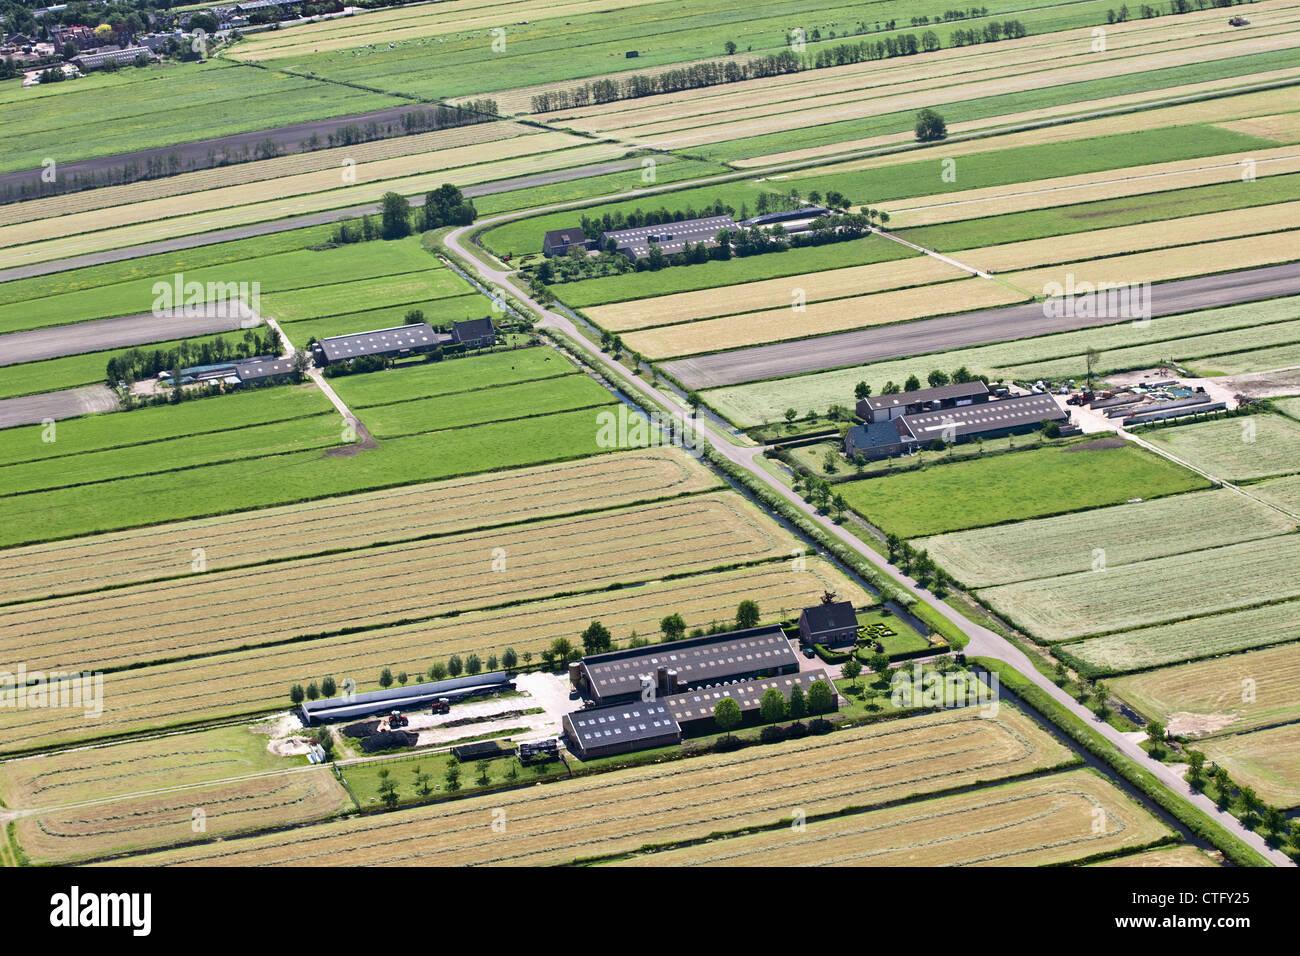 Les Pays-Bas, Loosdrecht, de fermes. Vue aérienne. Photo Stock